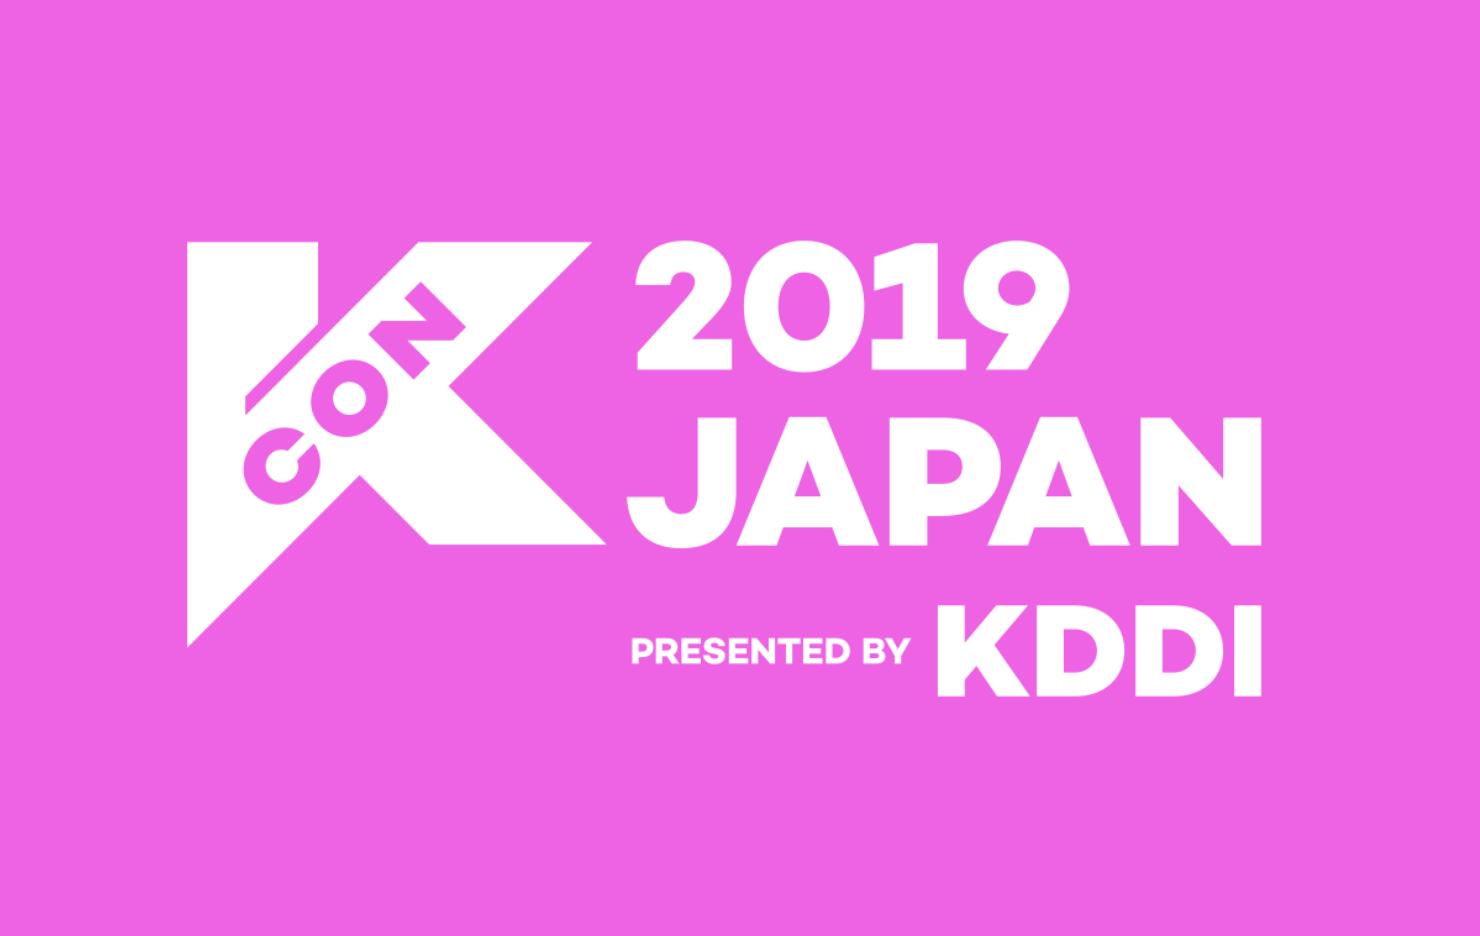 世界最大級の K-Culture フェスティバル『KCON』のメインイベント  『 KCON 2019 JAPAN×M COUNTDOWN 字幕版 』  6 月 27 日(木)23:15~ 日本初放送決定‼  < 字幕なし版は 5 月下旬に日韓同時放送予定!>